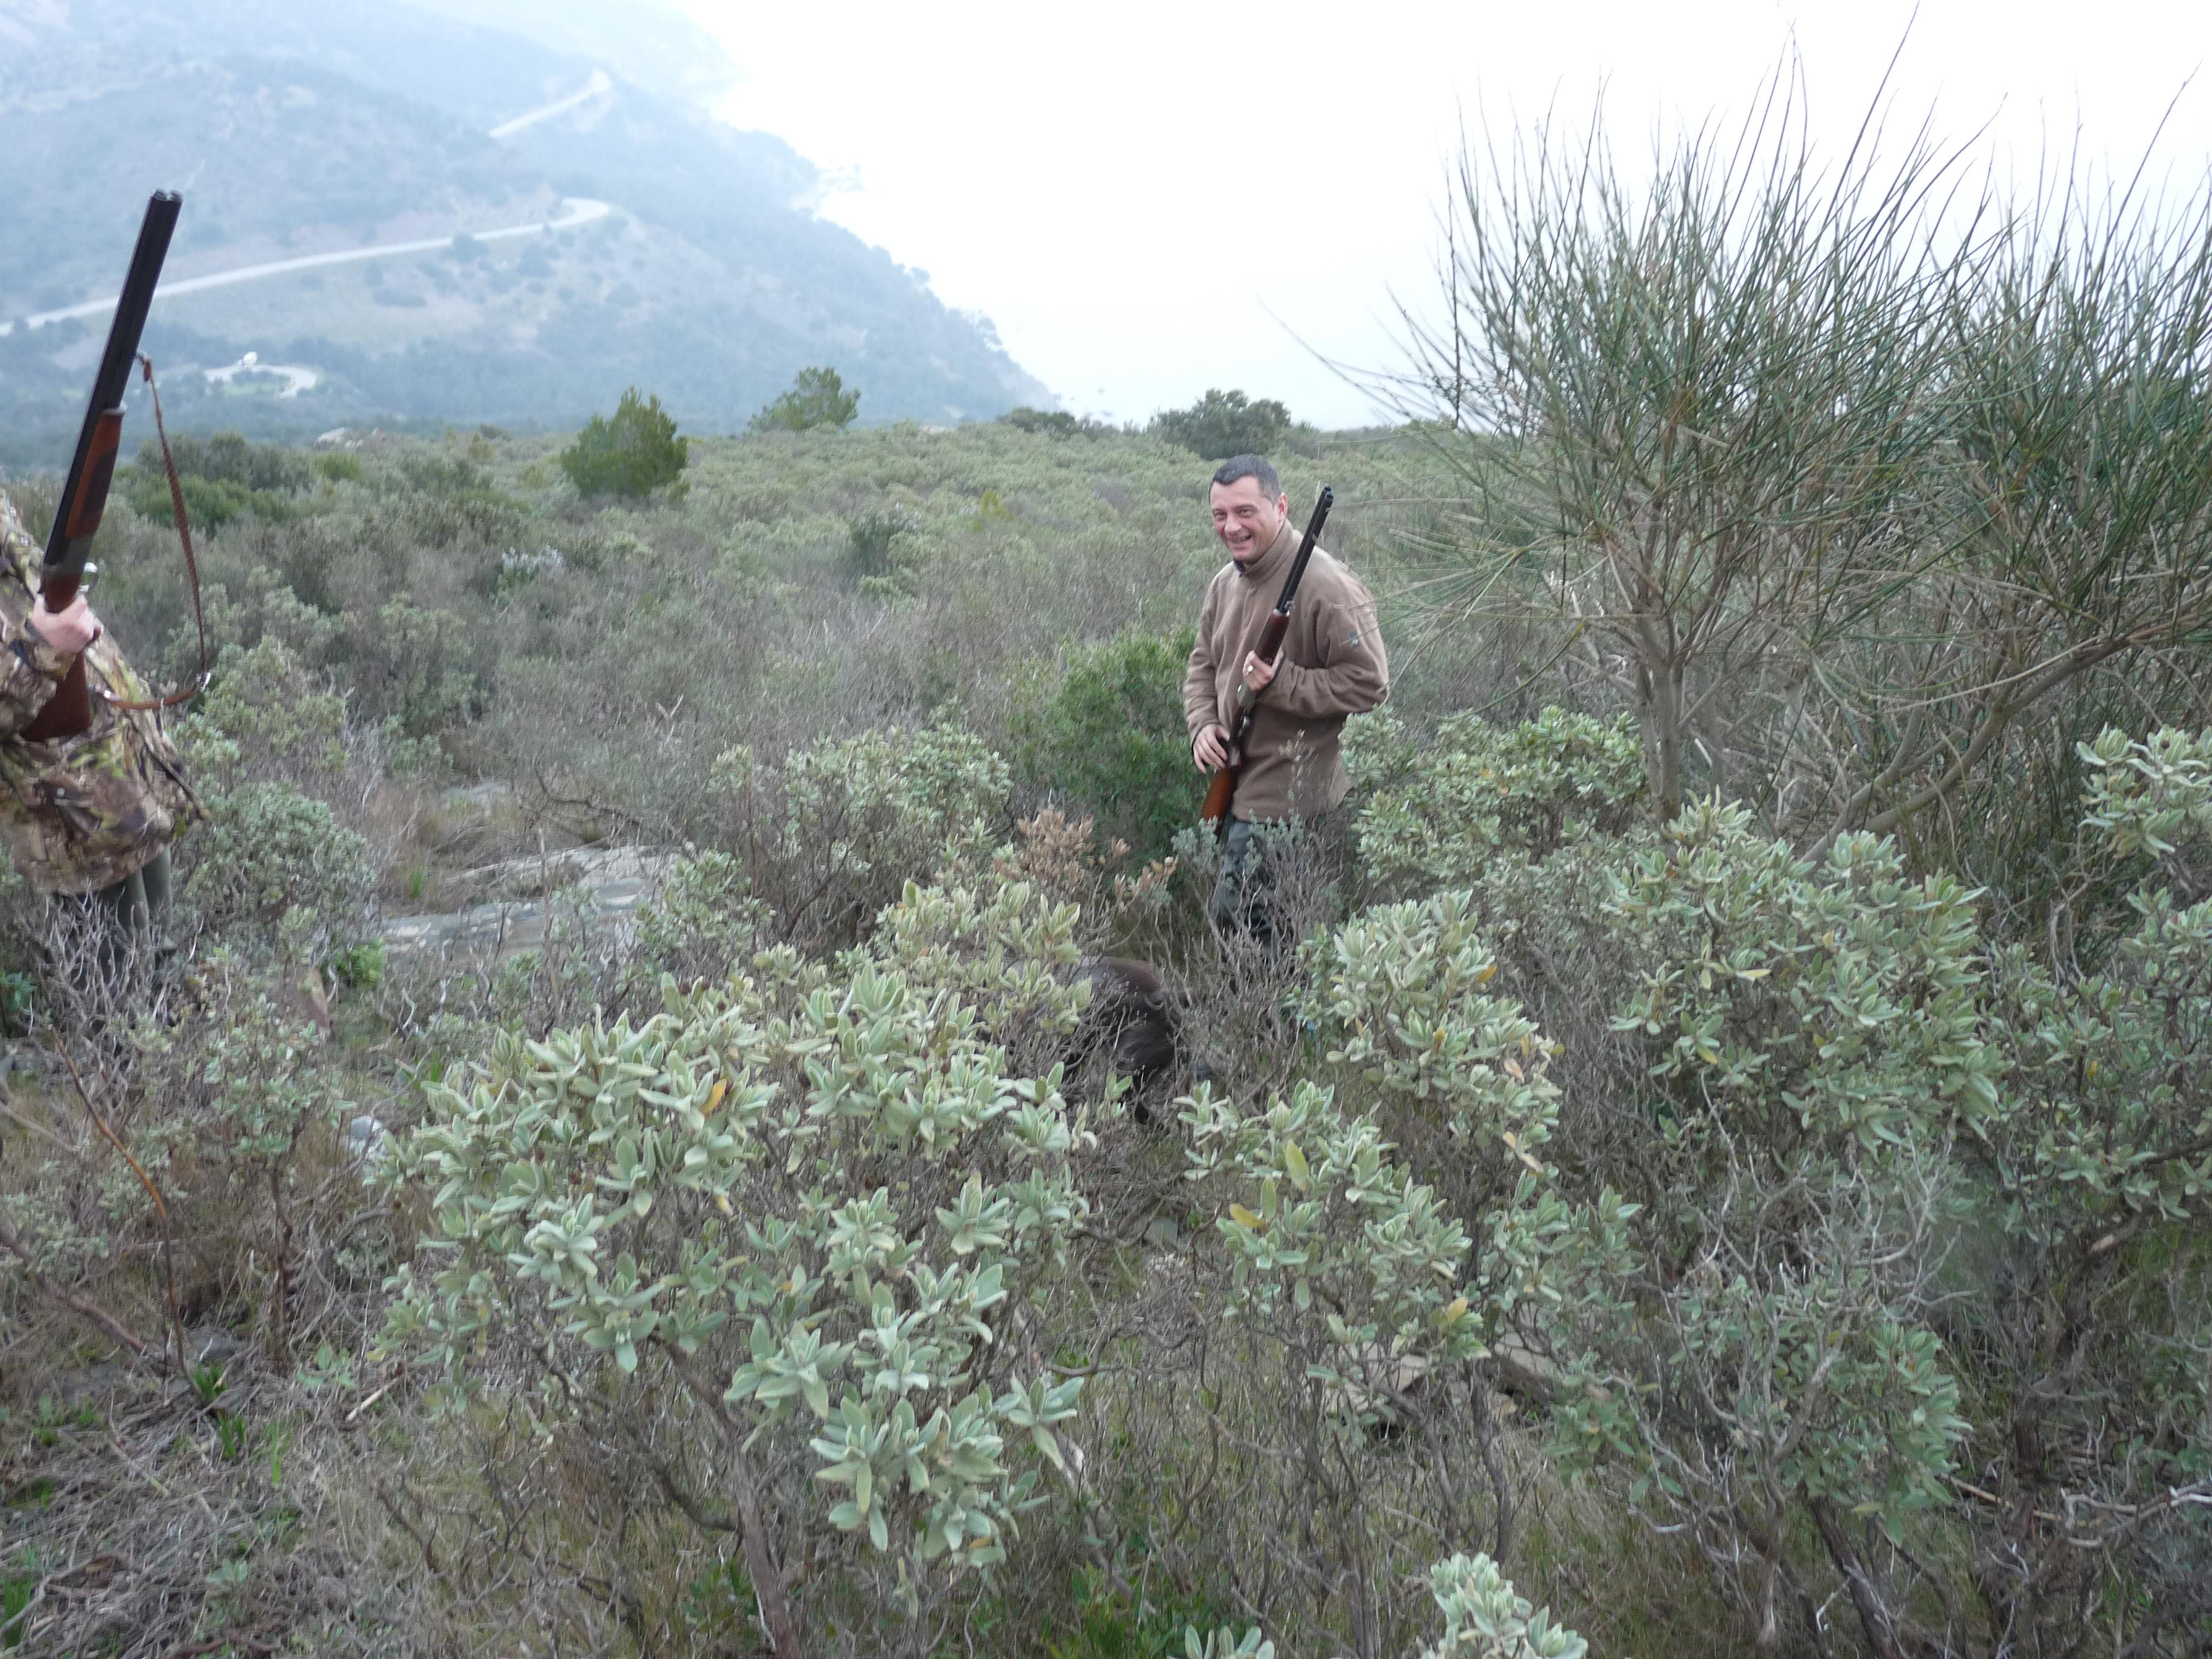 Action de chasse